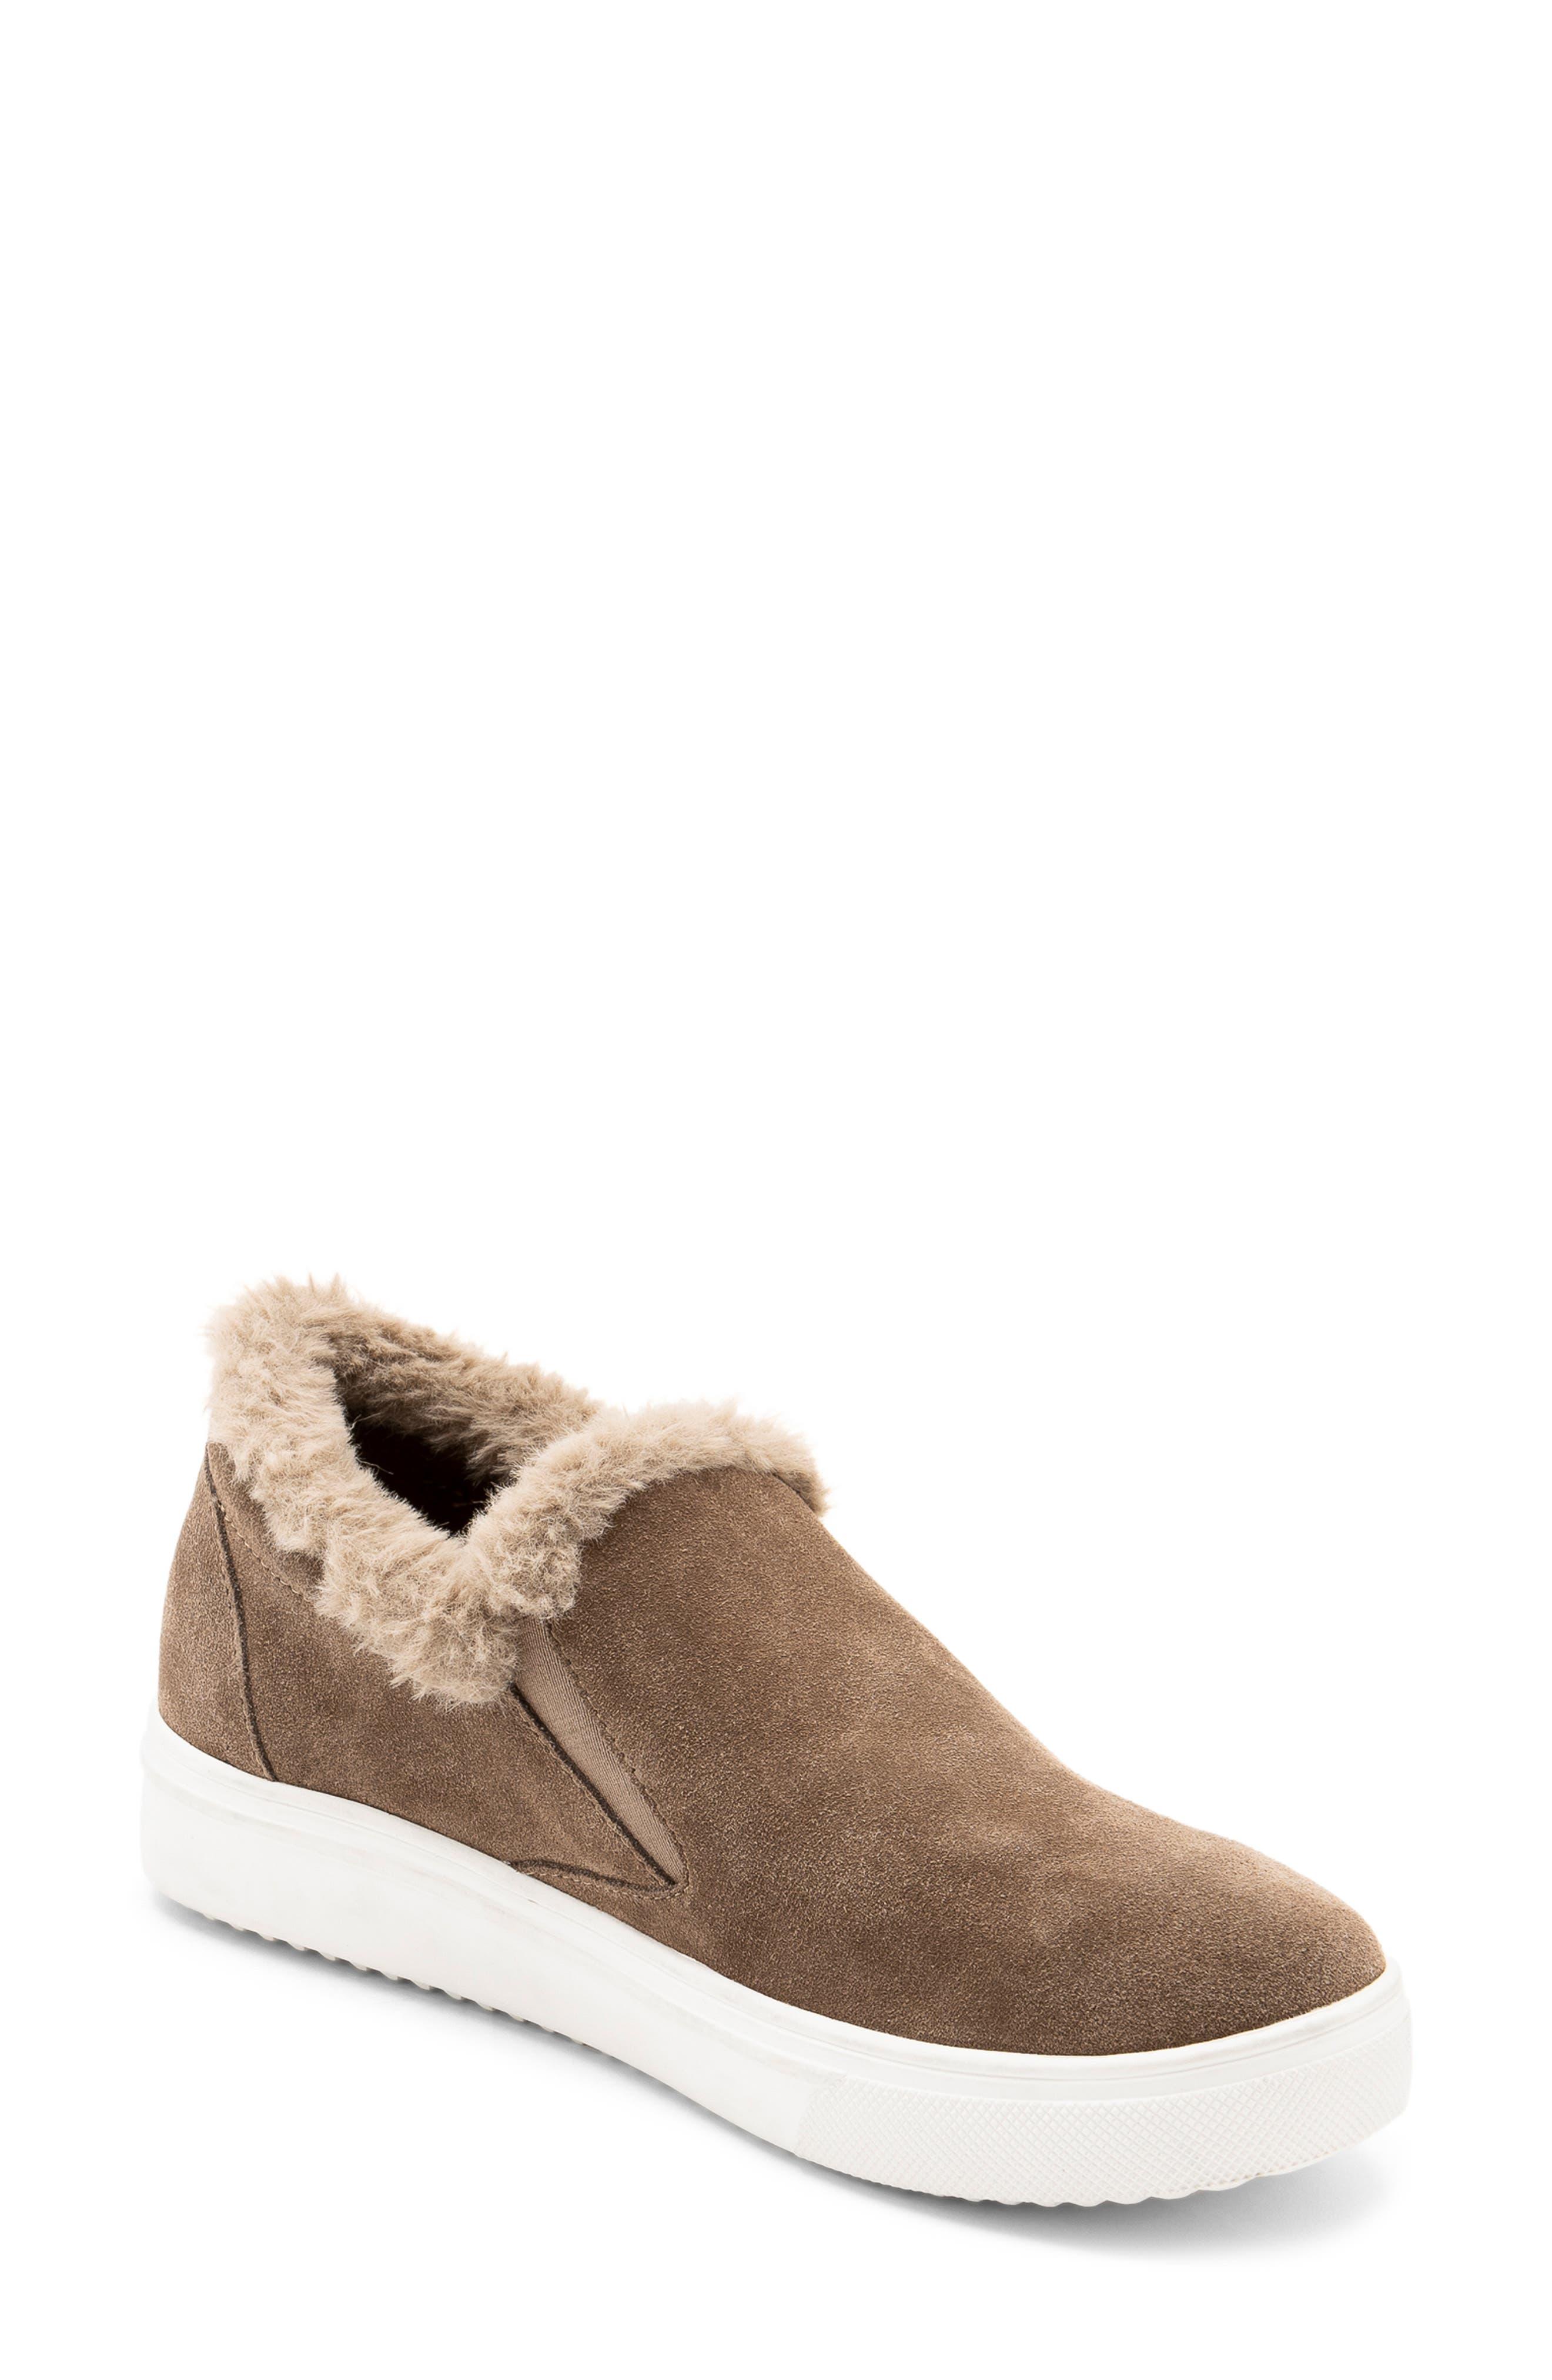 Blondo Gia Faux Fur Trim Waterproof Slip-On Sneaker (Women)